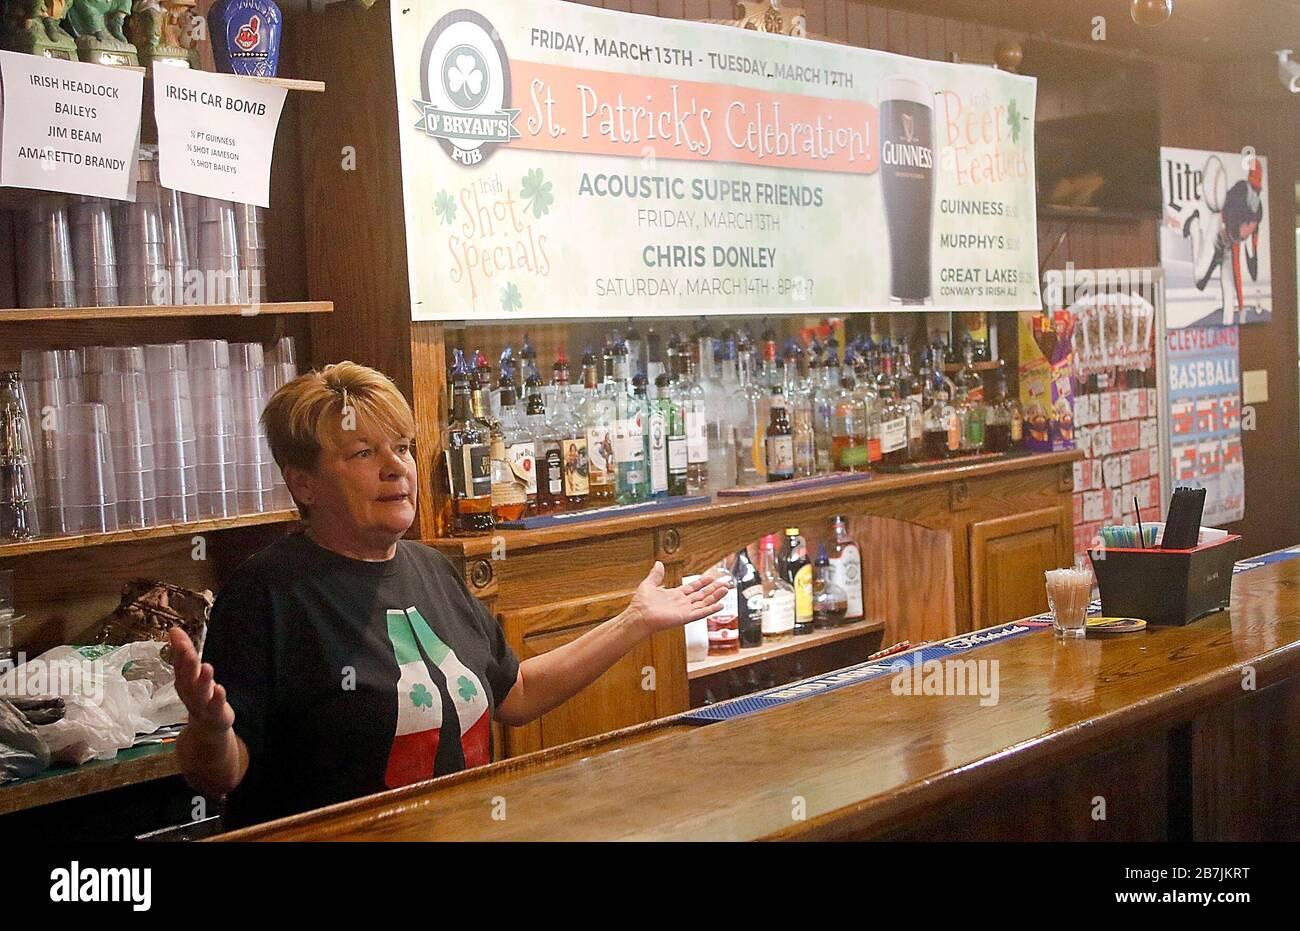 Ashland, EE.UU. 16 de marzo de 2020. 16 de marzo de 2020; Ashland, OH, USA; Vicky McQuate, barman/servidor de Obryan's Pub, habla con un periodista de Times-Gazette acerca de sus nuevas operaciones de ejecución después de que el brote de Cornonavirus haya cerrado restaurantes y bares el lunes, 16 de marzo de 2020 en el restaurante de Ashland, OH. También mencionó que se había perdido el contacto diario con los regulares que frecuentaban el establecimiento con regularidad. Crédito obligatorio: Tom E. Puskar/Ashland Times-Gazette via USA TODAY NETWORK/Sipa USA crédito: SIPA USA/Alamy Live News Foto de stock